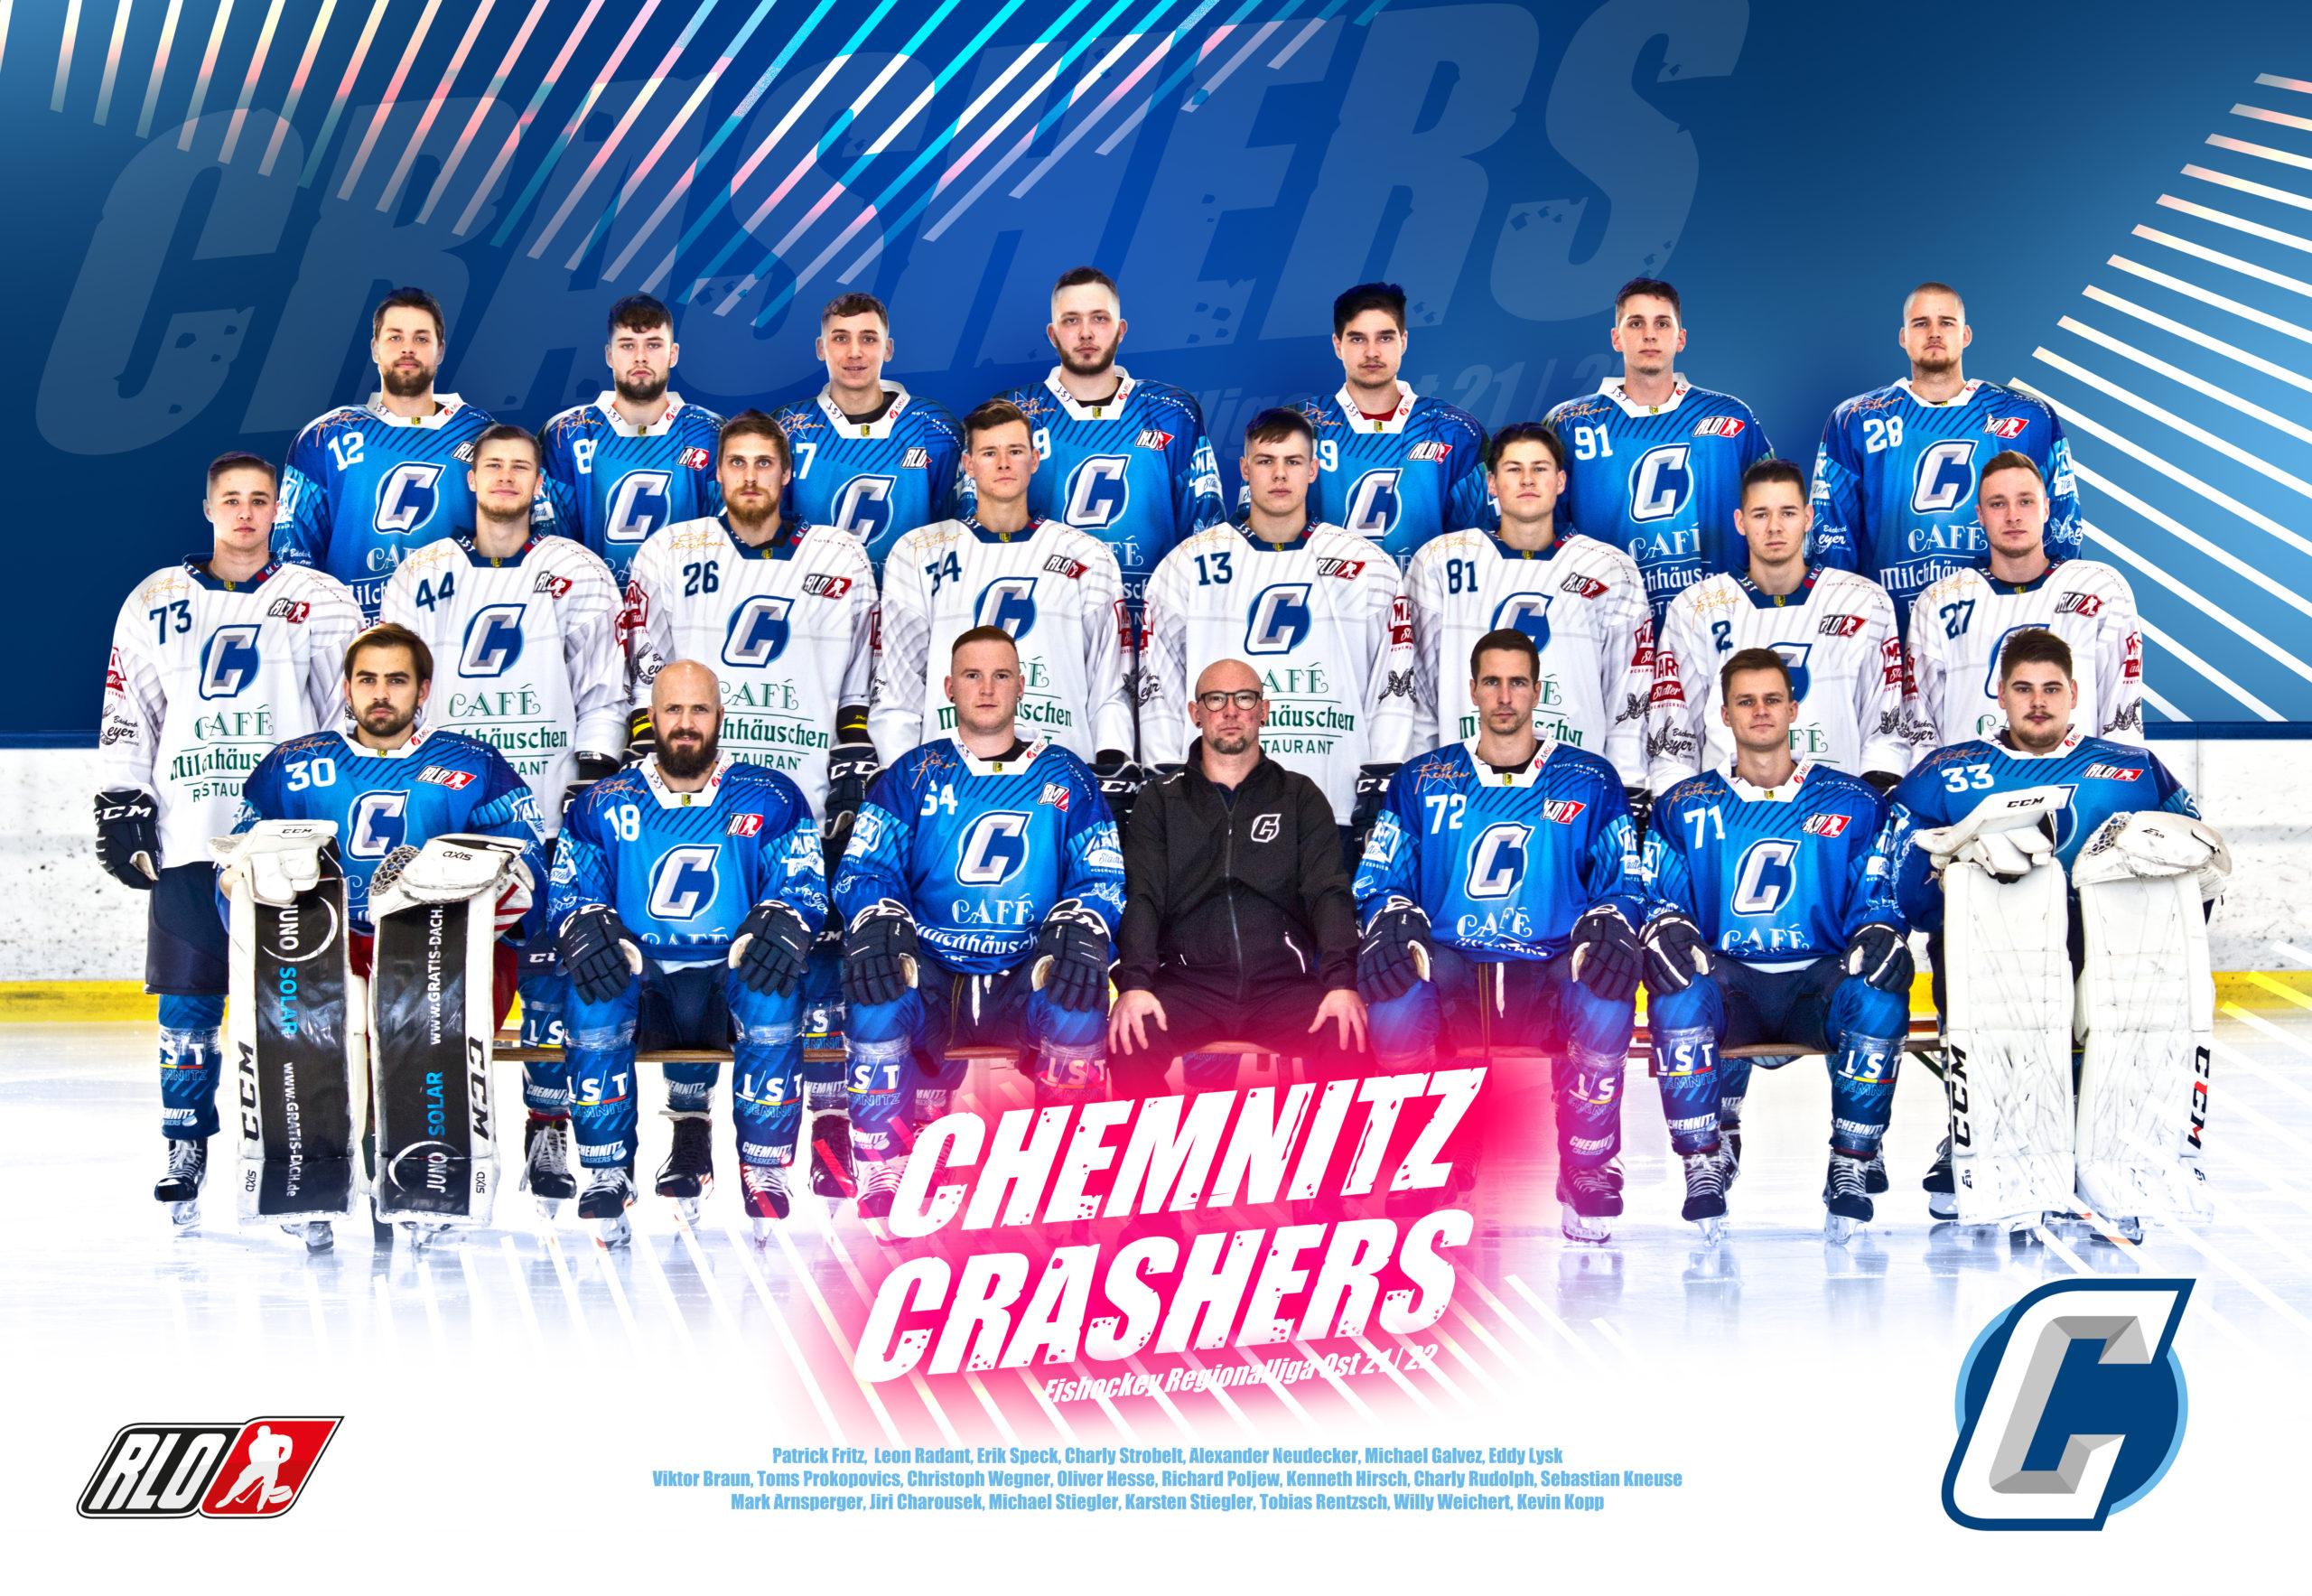 Mannschaft_Chemnitz_Crashers_Eishockey_Regionalliga_Ost_2021_2022